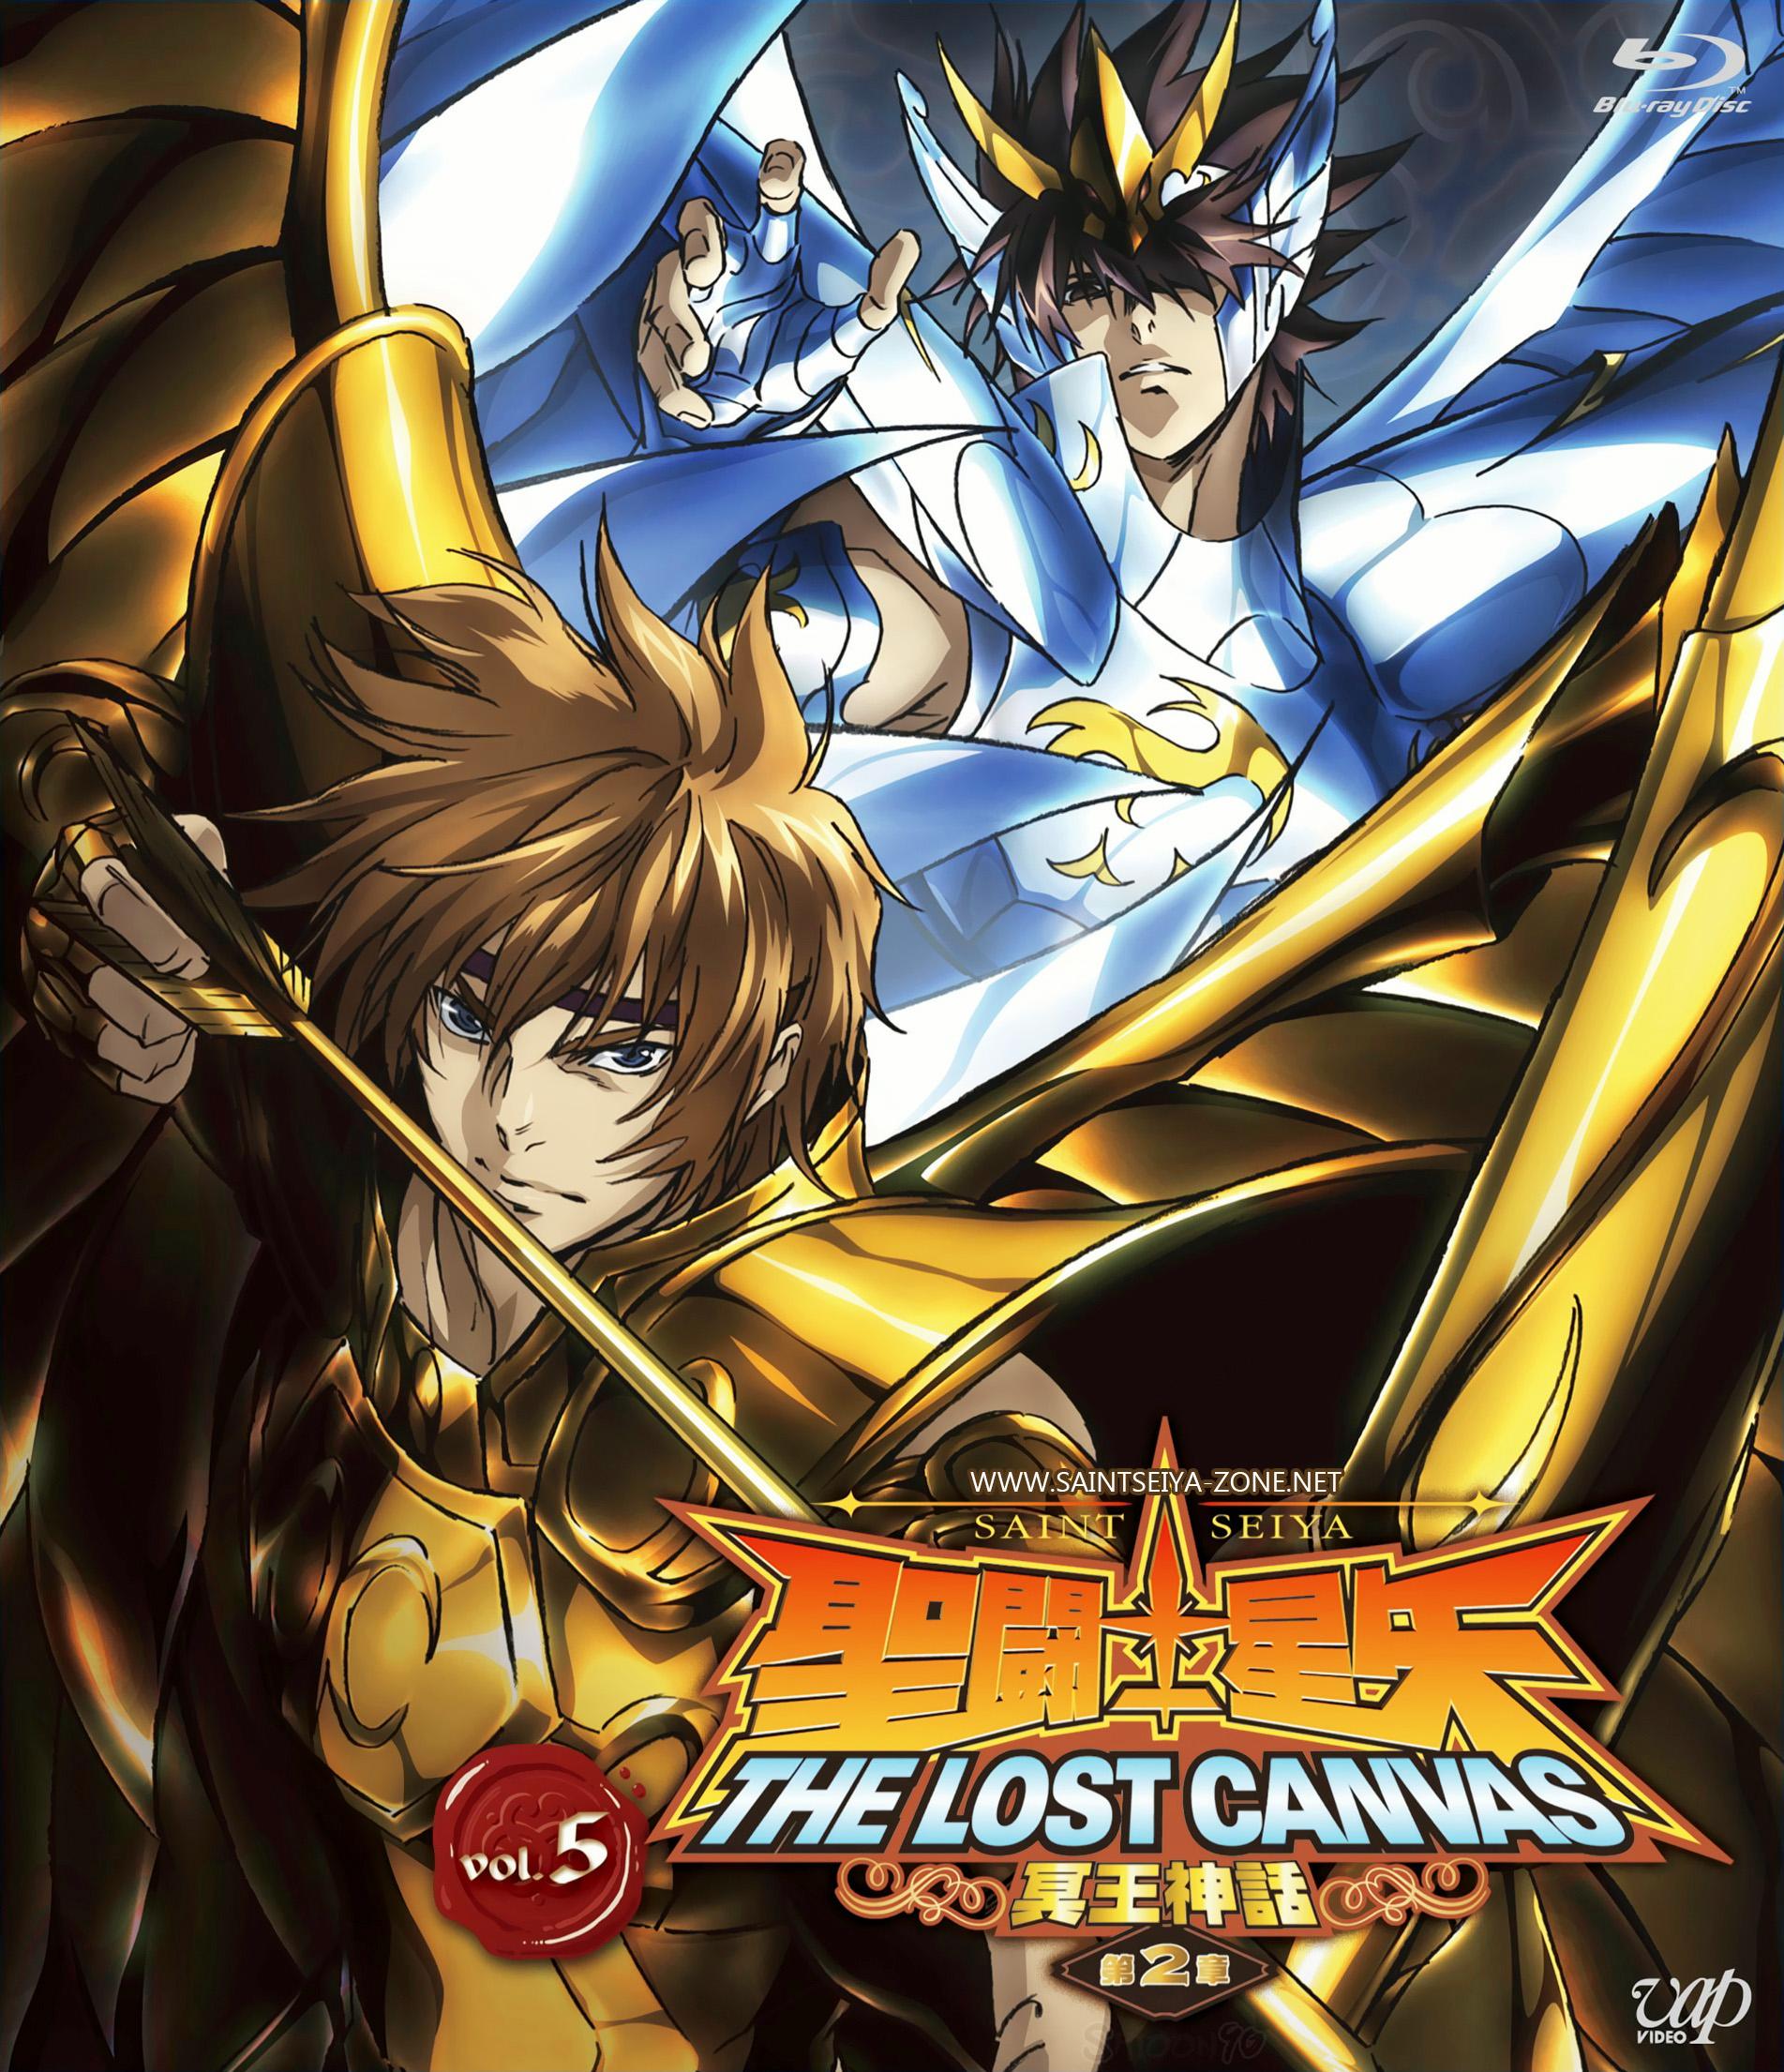 Lost canvas season 2